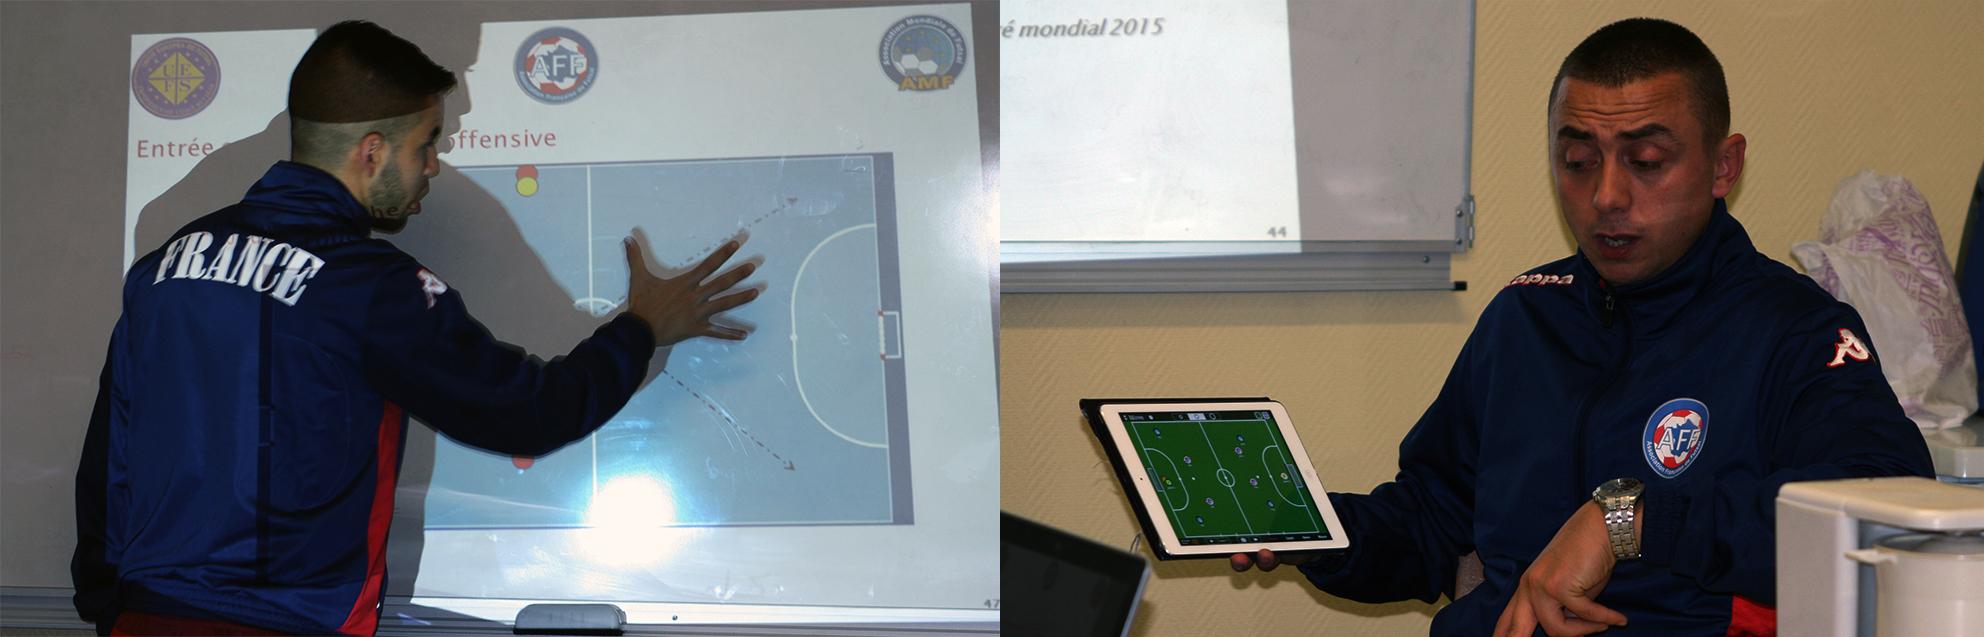 Youssef El Majdoub et Gaby Ouanane lors la partie théorie de la clinic Futsal